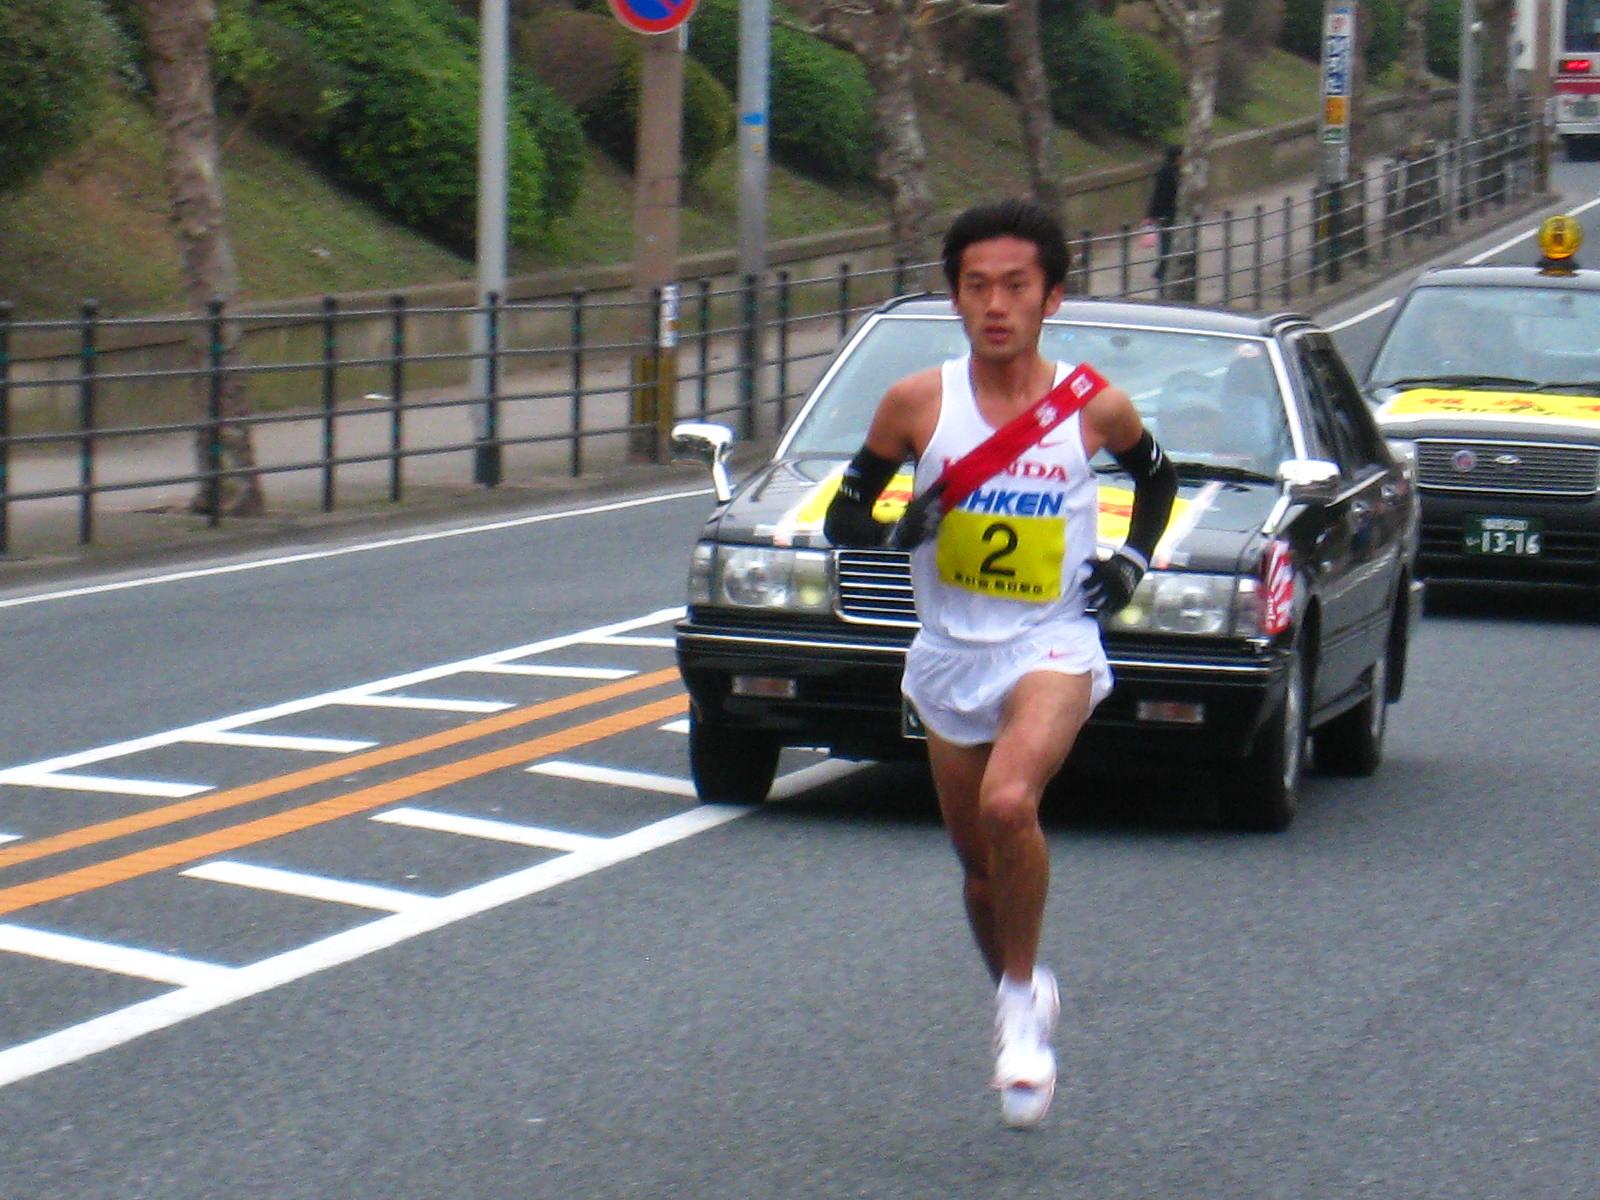 自転車の 朝日自転車 : 埼玉ホンダがトップを走って ...